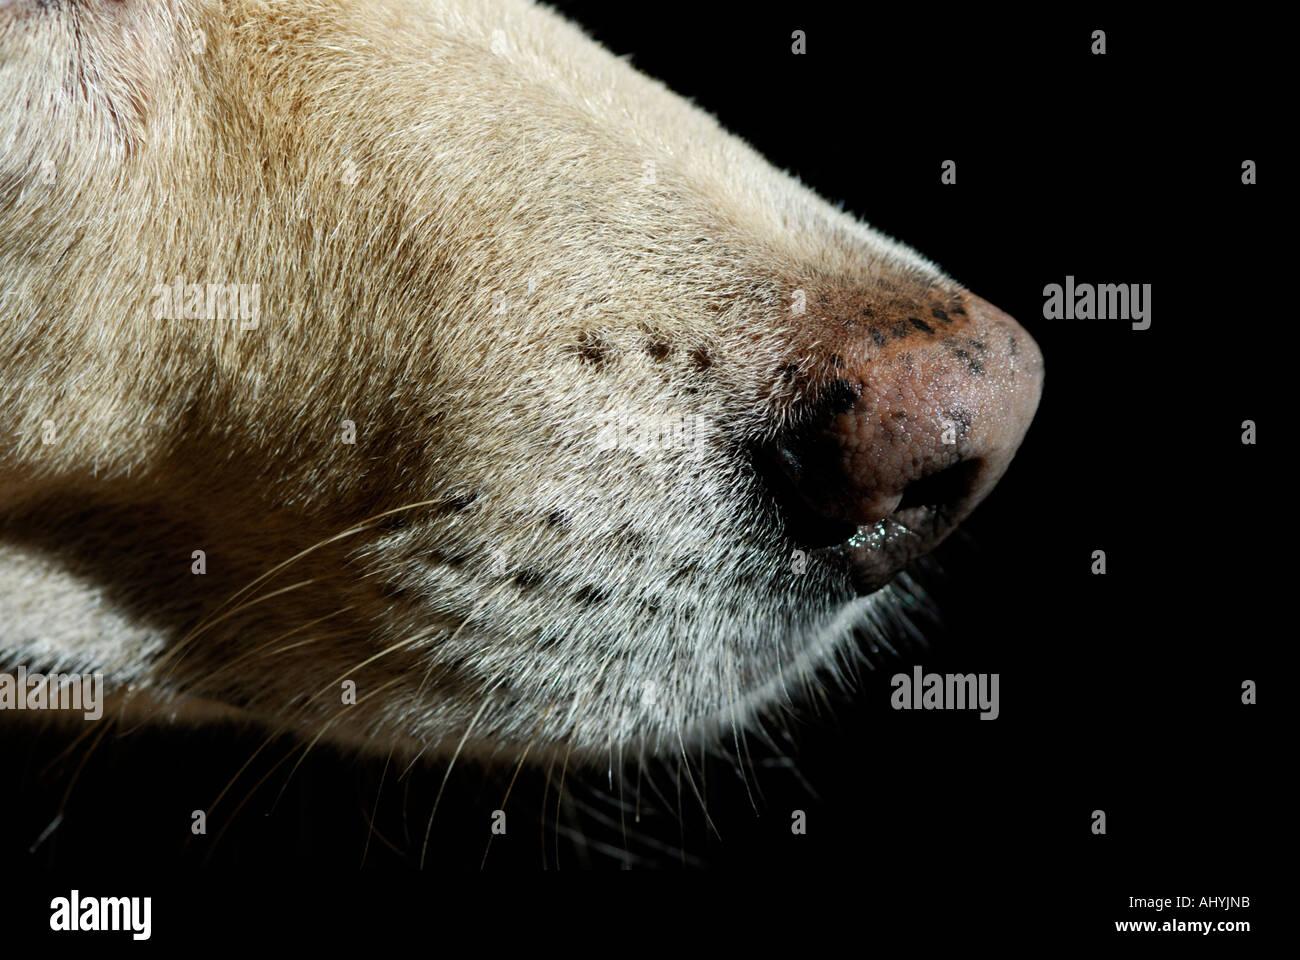 Nez du chien close-up Photo Stock